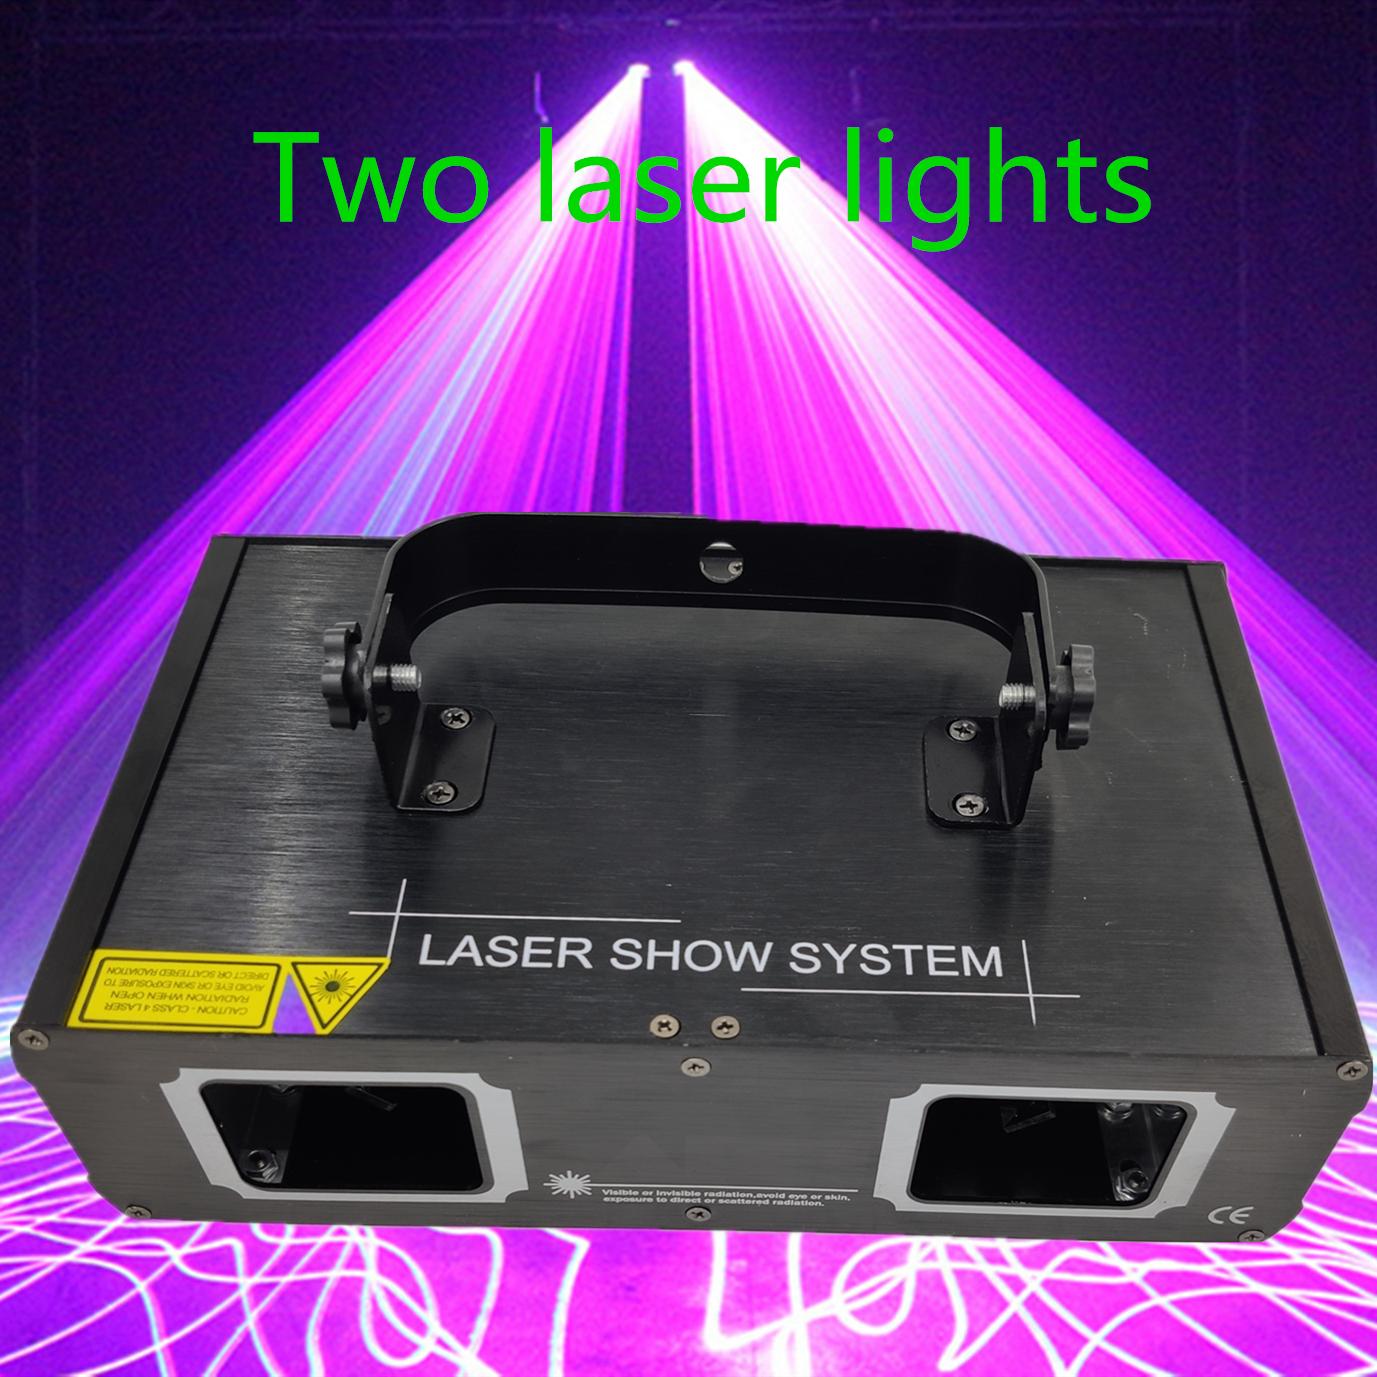 מפעל לשקע לייזר מנורת 2 ראש לייזר כפול חור שלב אפקט DMX512 תאורה עבור DJ דיסקו המפלגה מועדון לילה KTV רחבת ריקודים